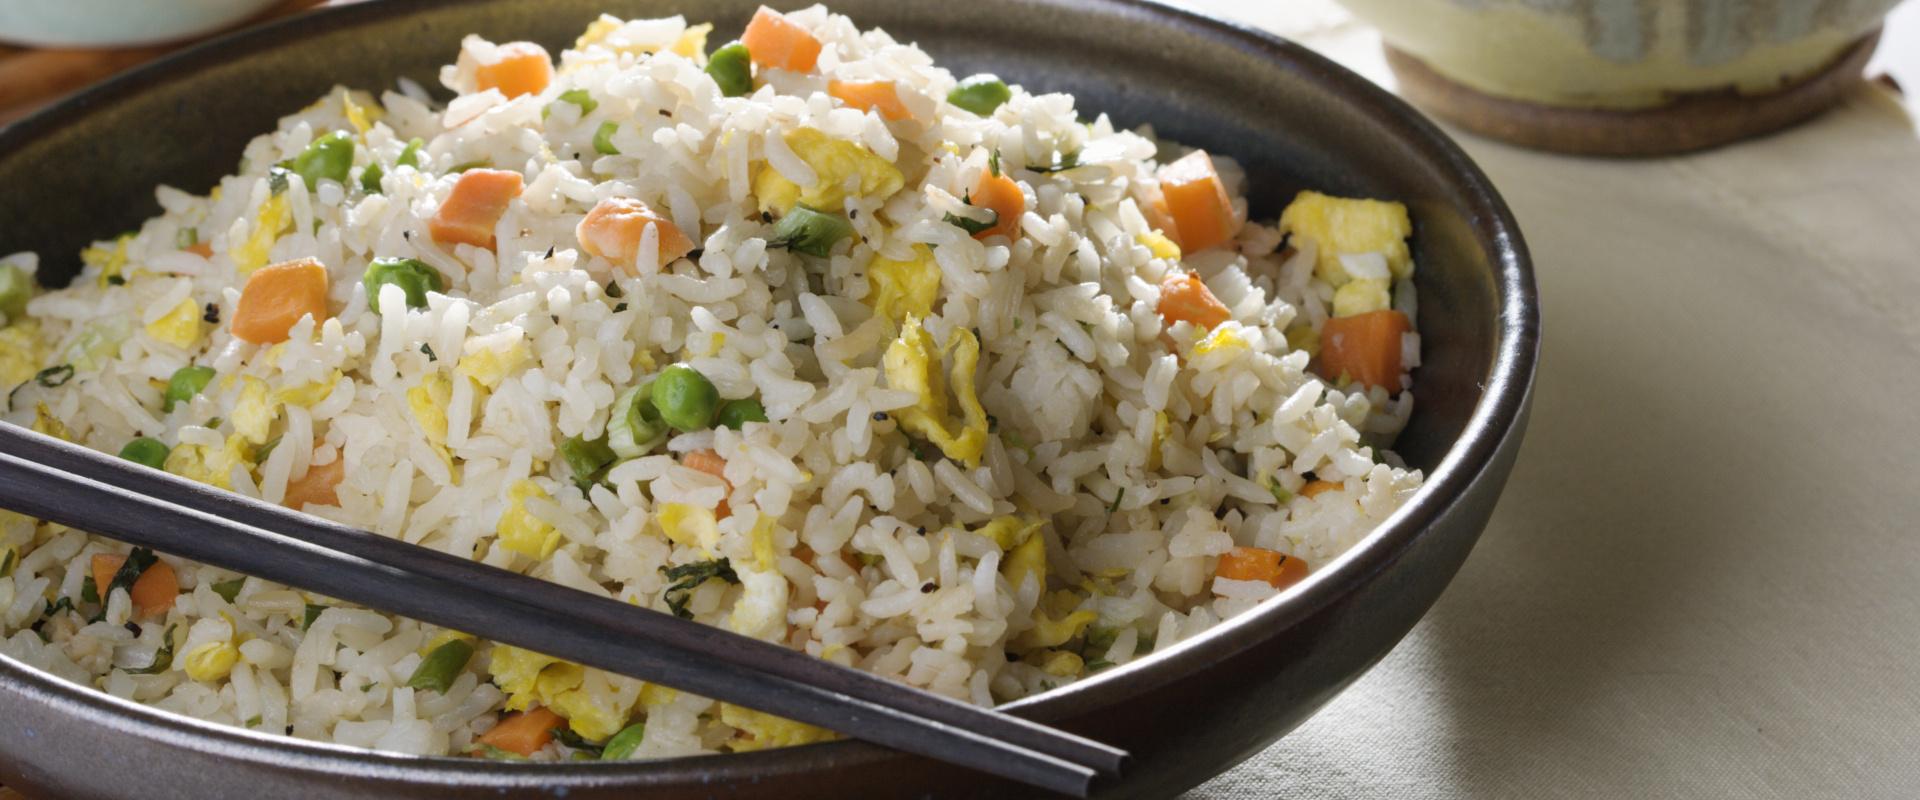 tojásos zöldséges süt rizs cover